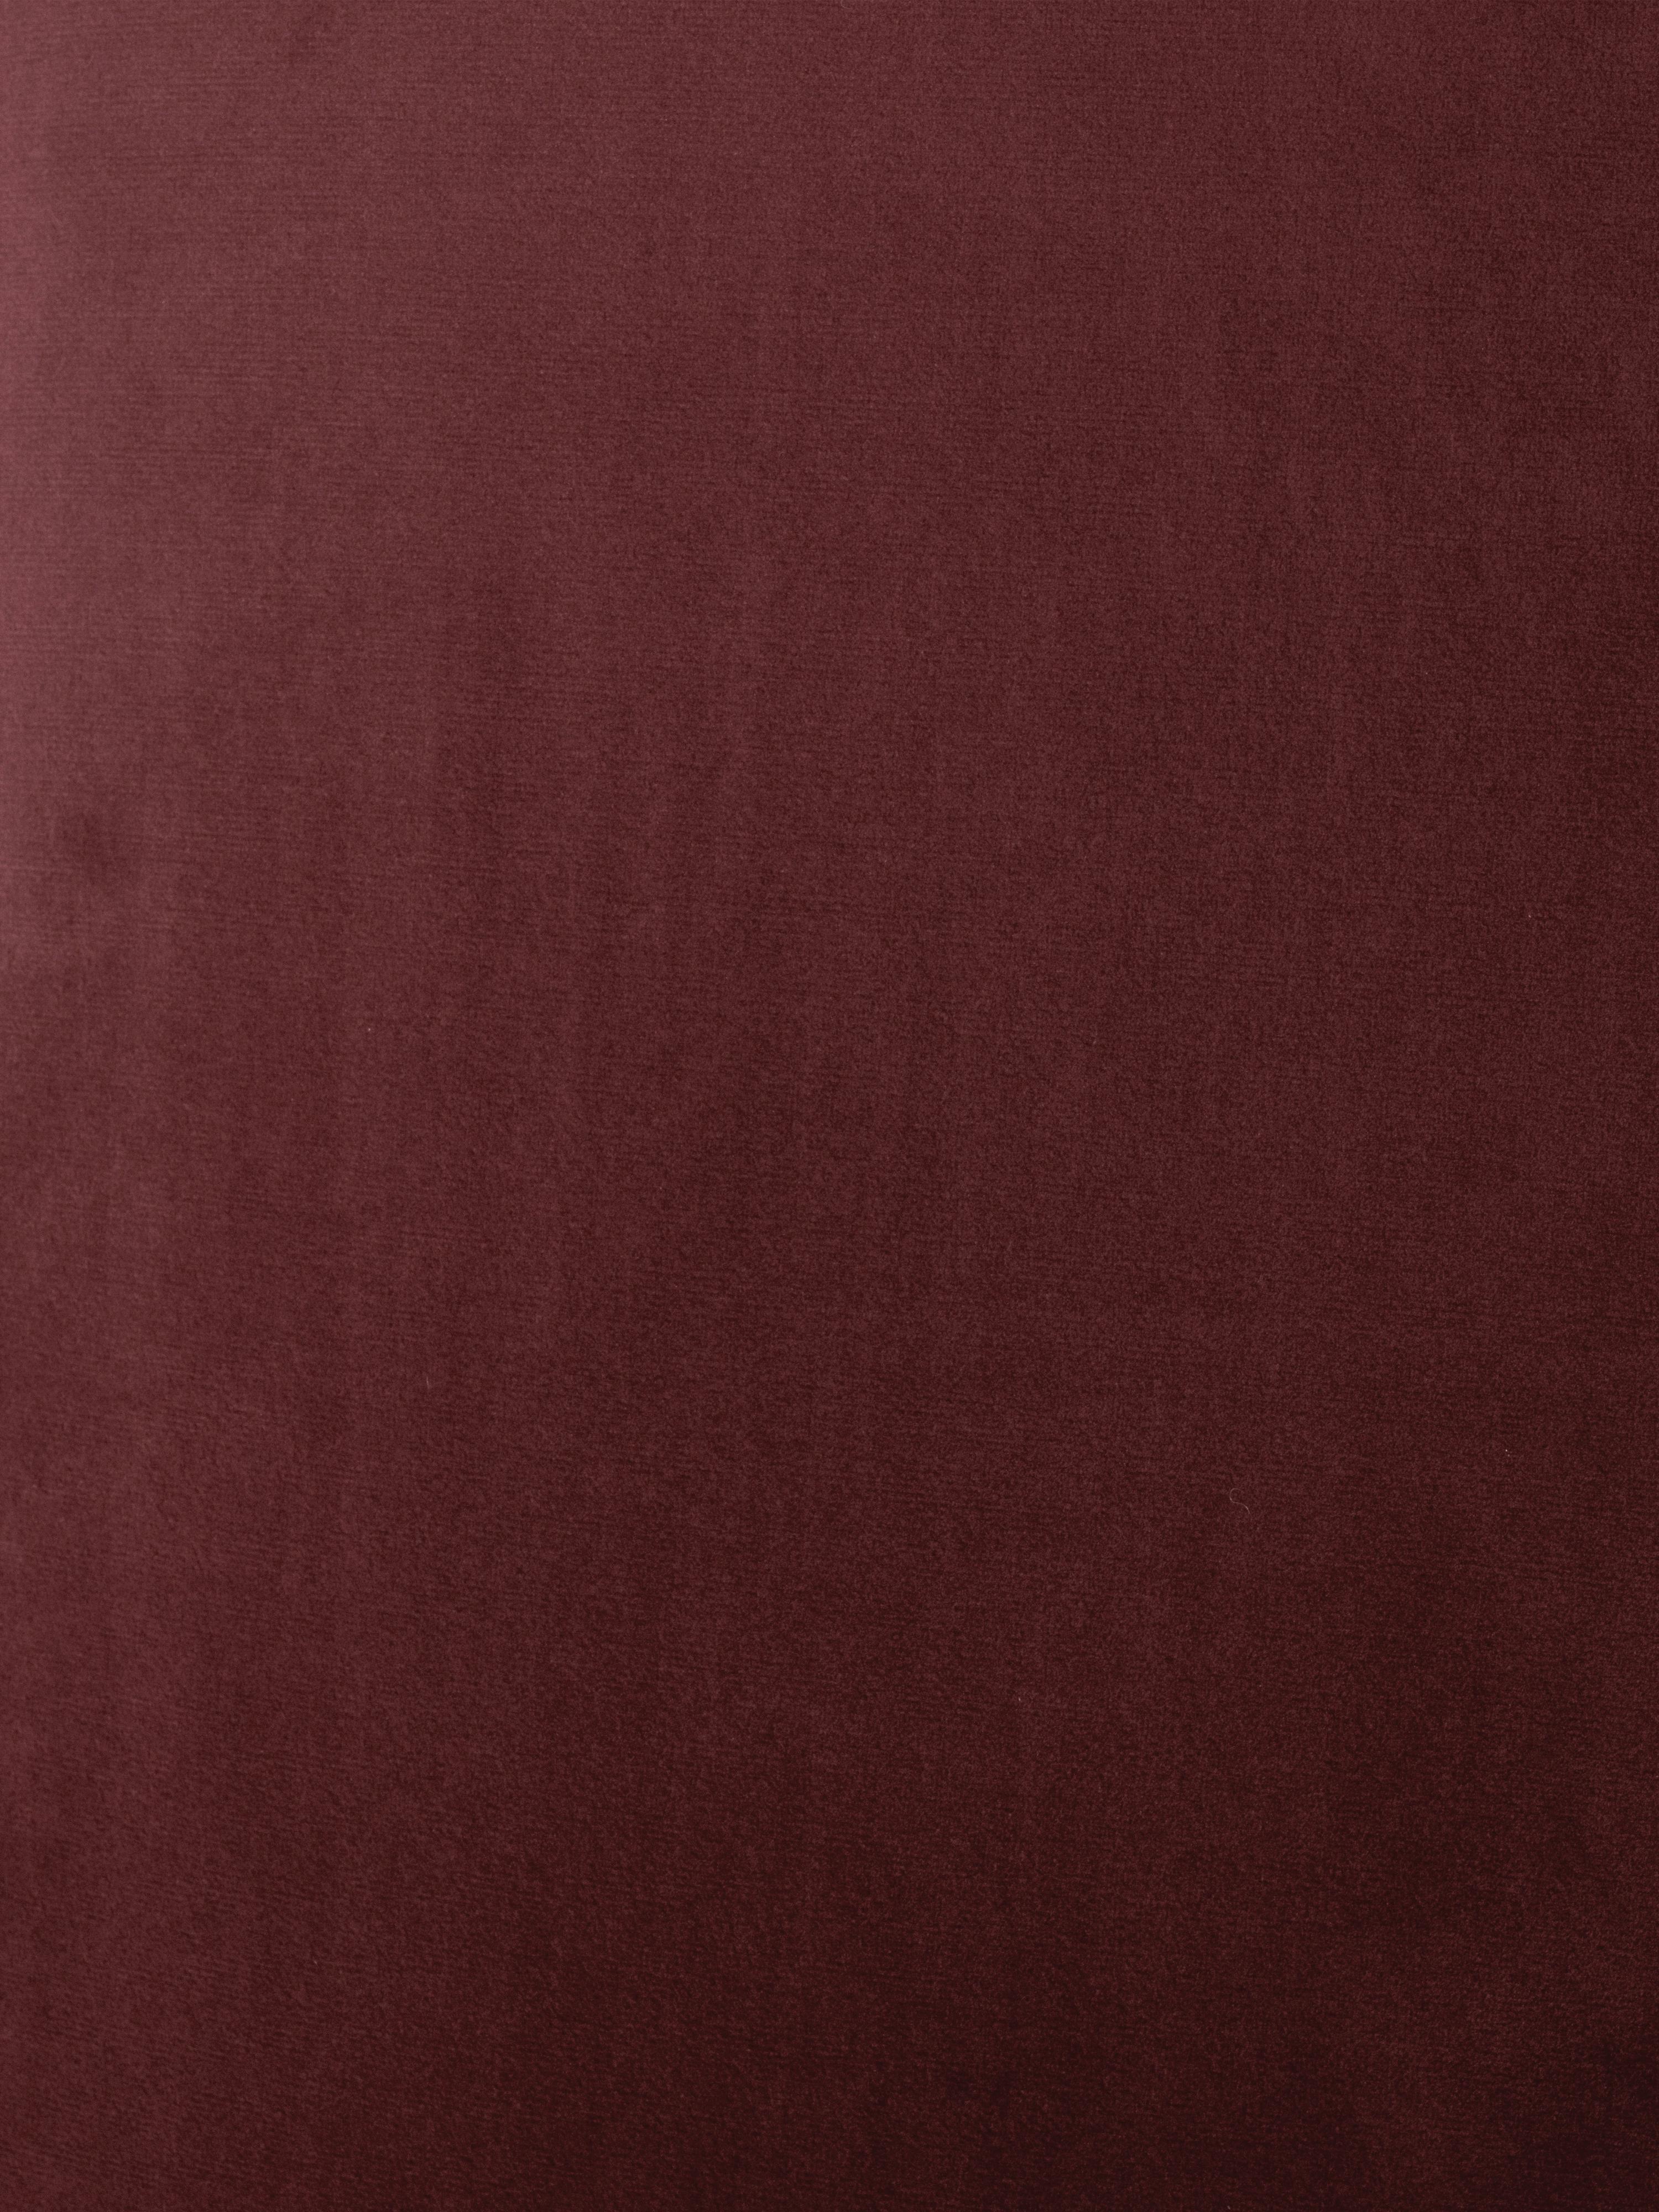 Samt-Ecksofa Fluente, Bezug: Samt (Hochwertiger Polyes, Gestell: Massives Kiefernholz, Füße: Metall, pulverbeschichtet, Samt Rostrot, B 221 x T 200 cm